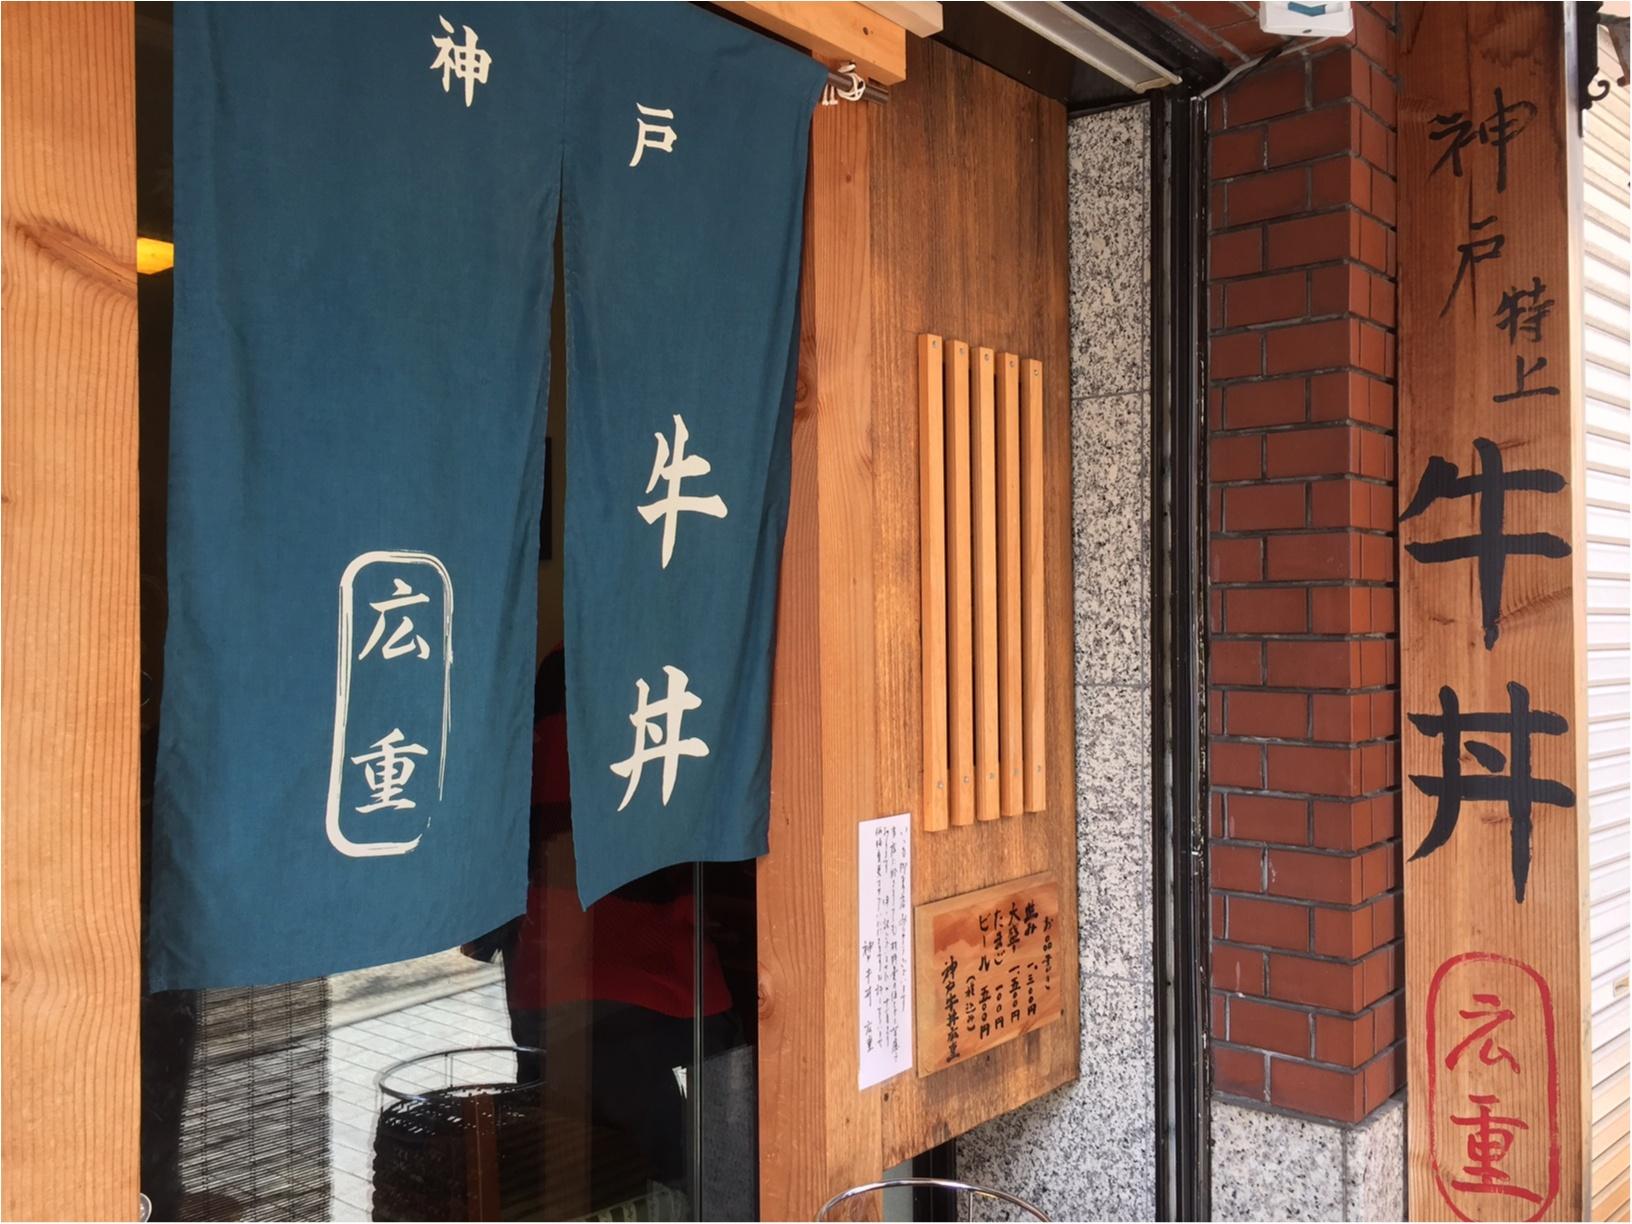 神戸牛の牛丼がなんと1200円!至高の牛丼をいただきました♡_1